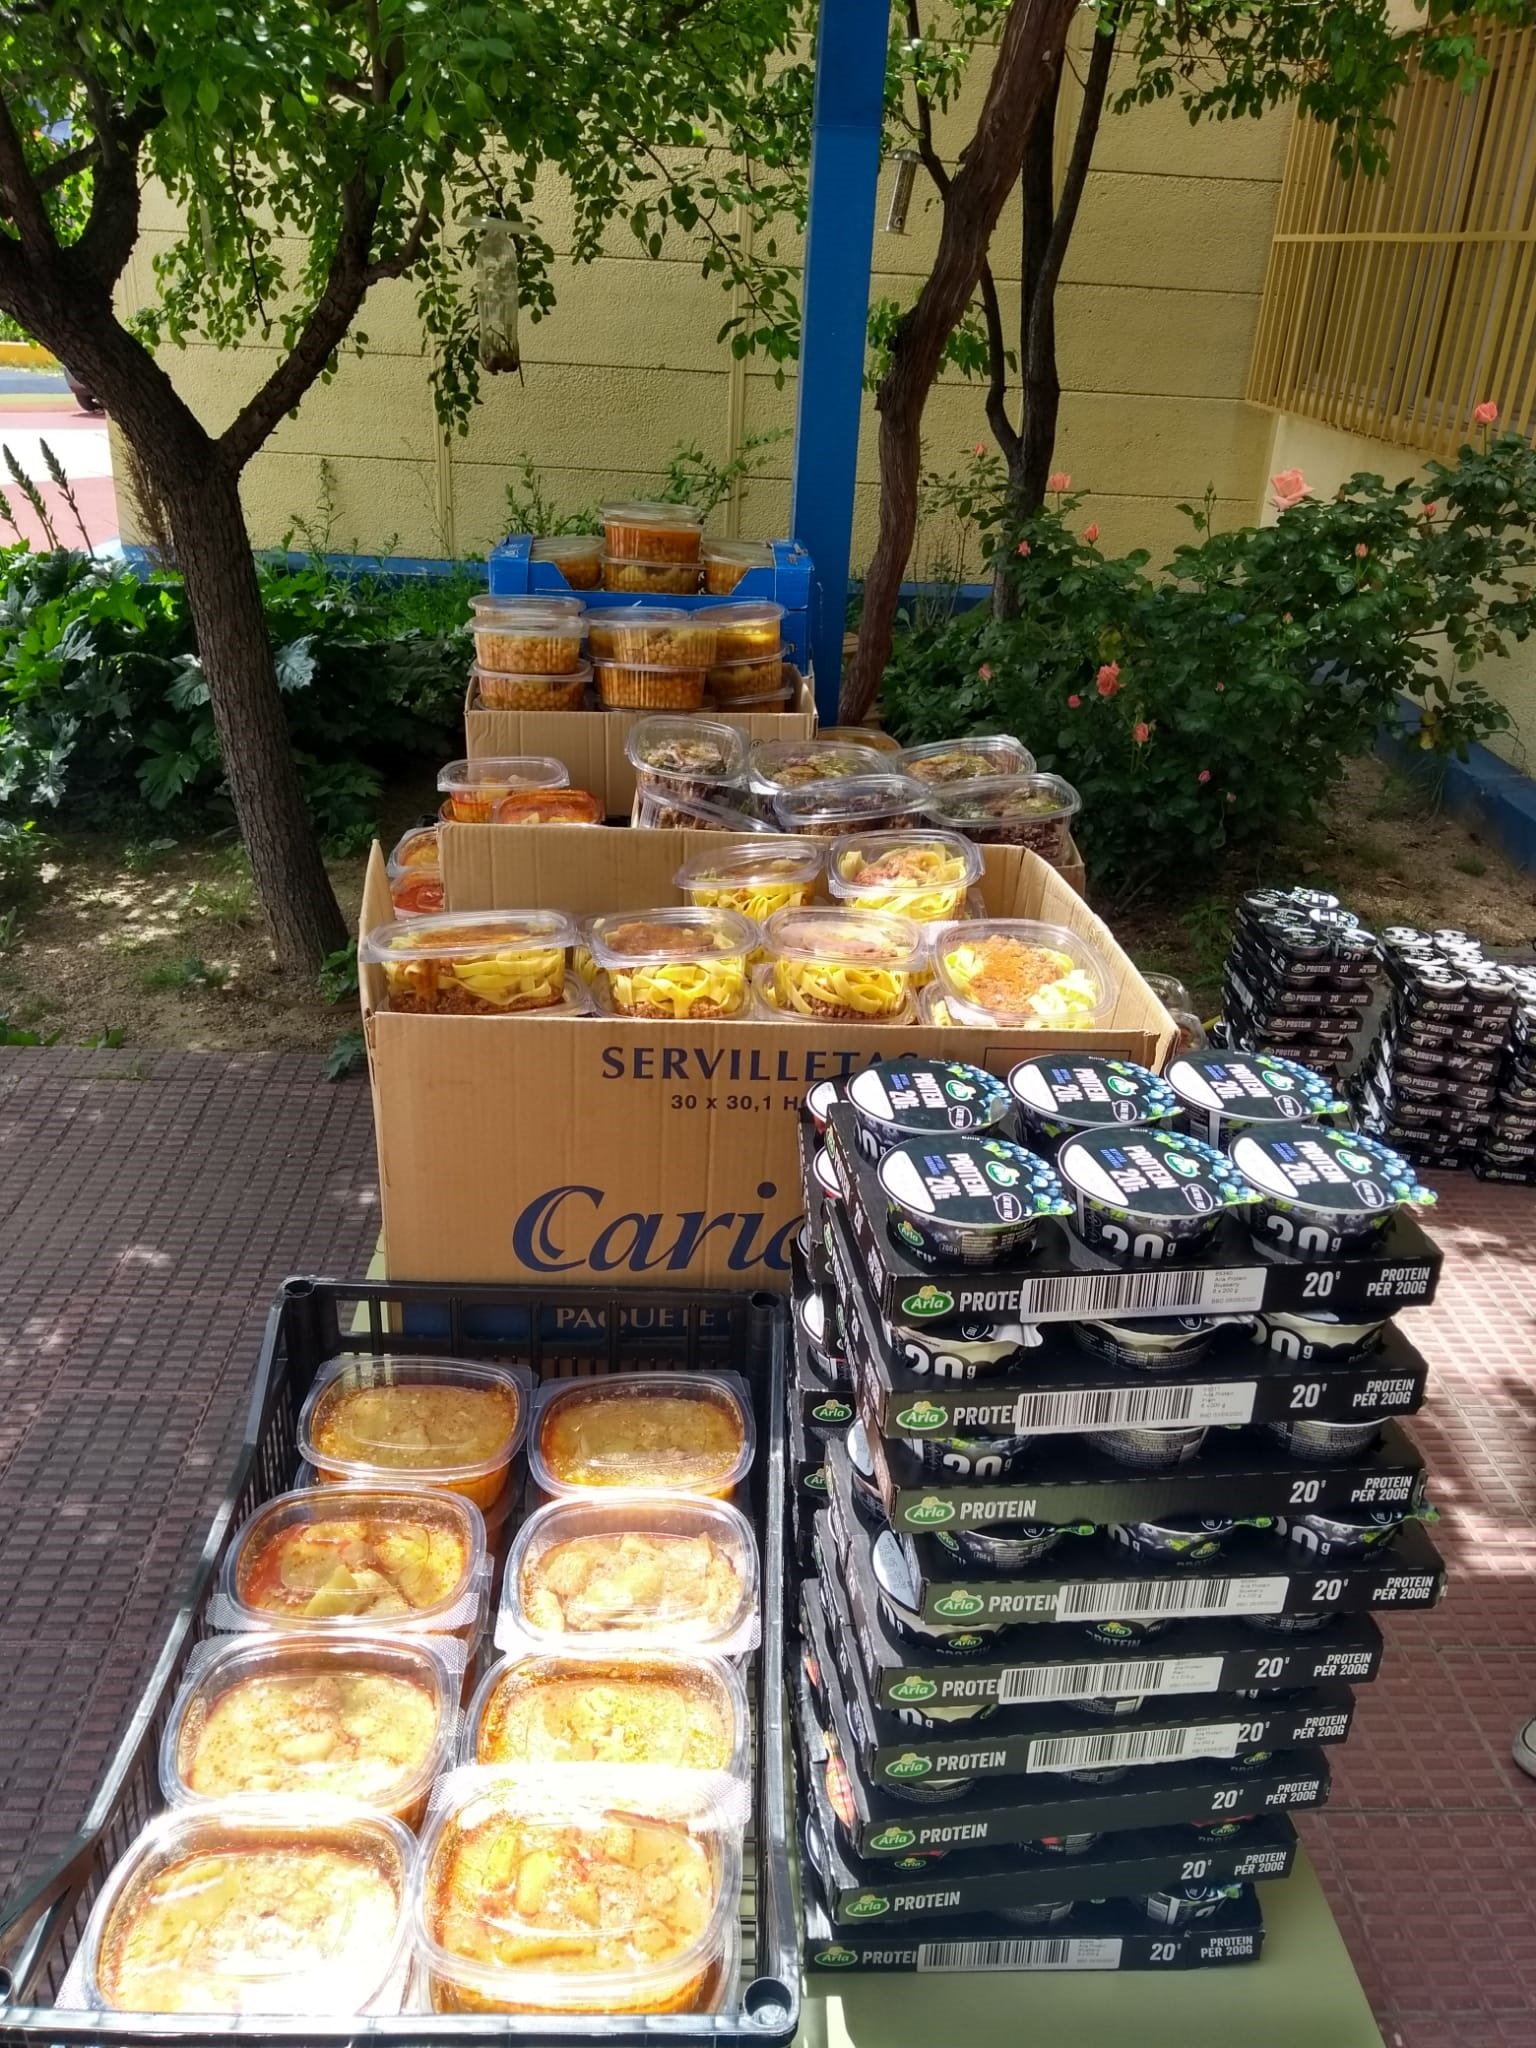 En el CEIP Valle Inclán se centralizó la ayuda a las familias con necesidades de varios colegios del distrito